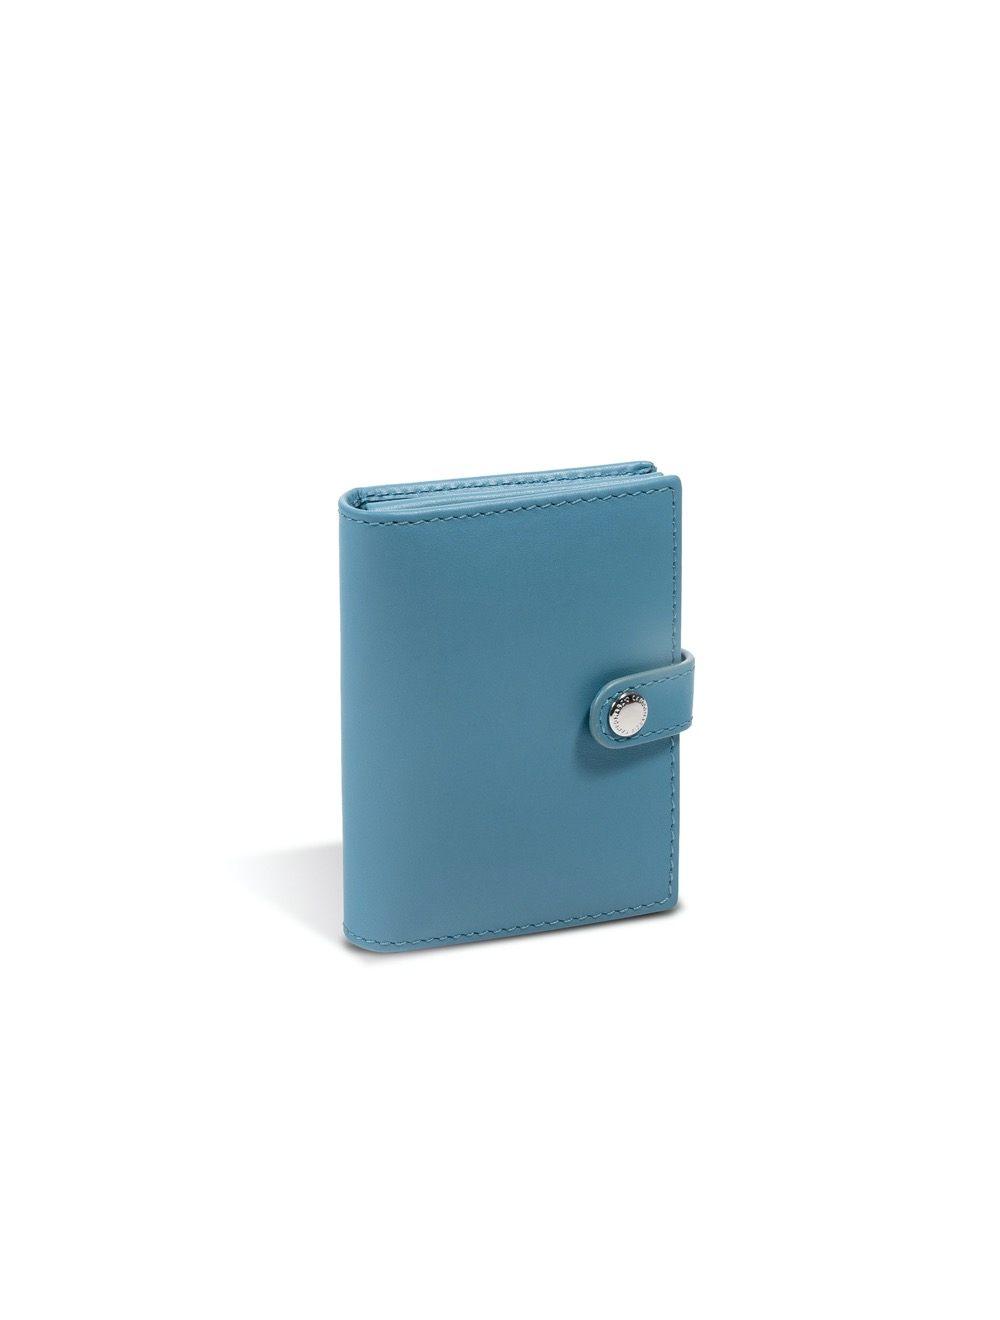 Romy Business Card Holder - Capri Breeze